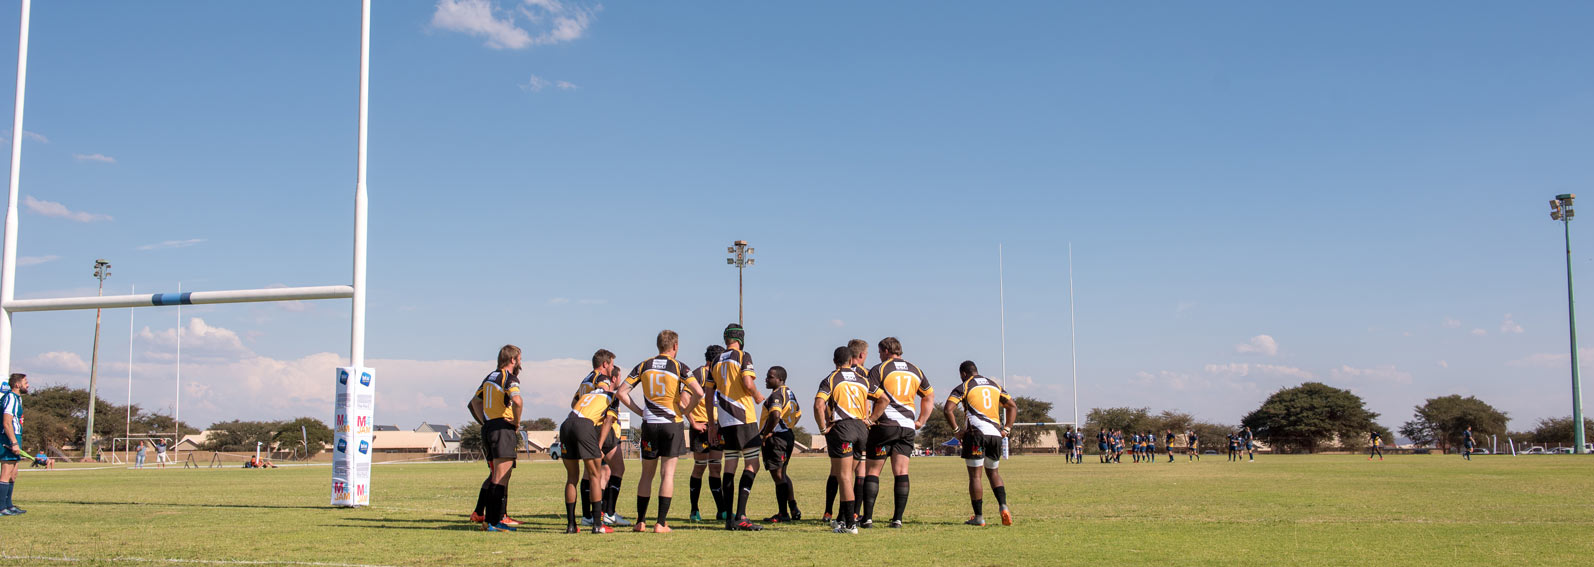 Sishen Rugby Club